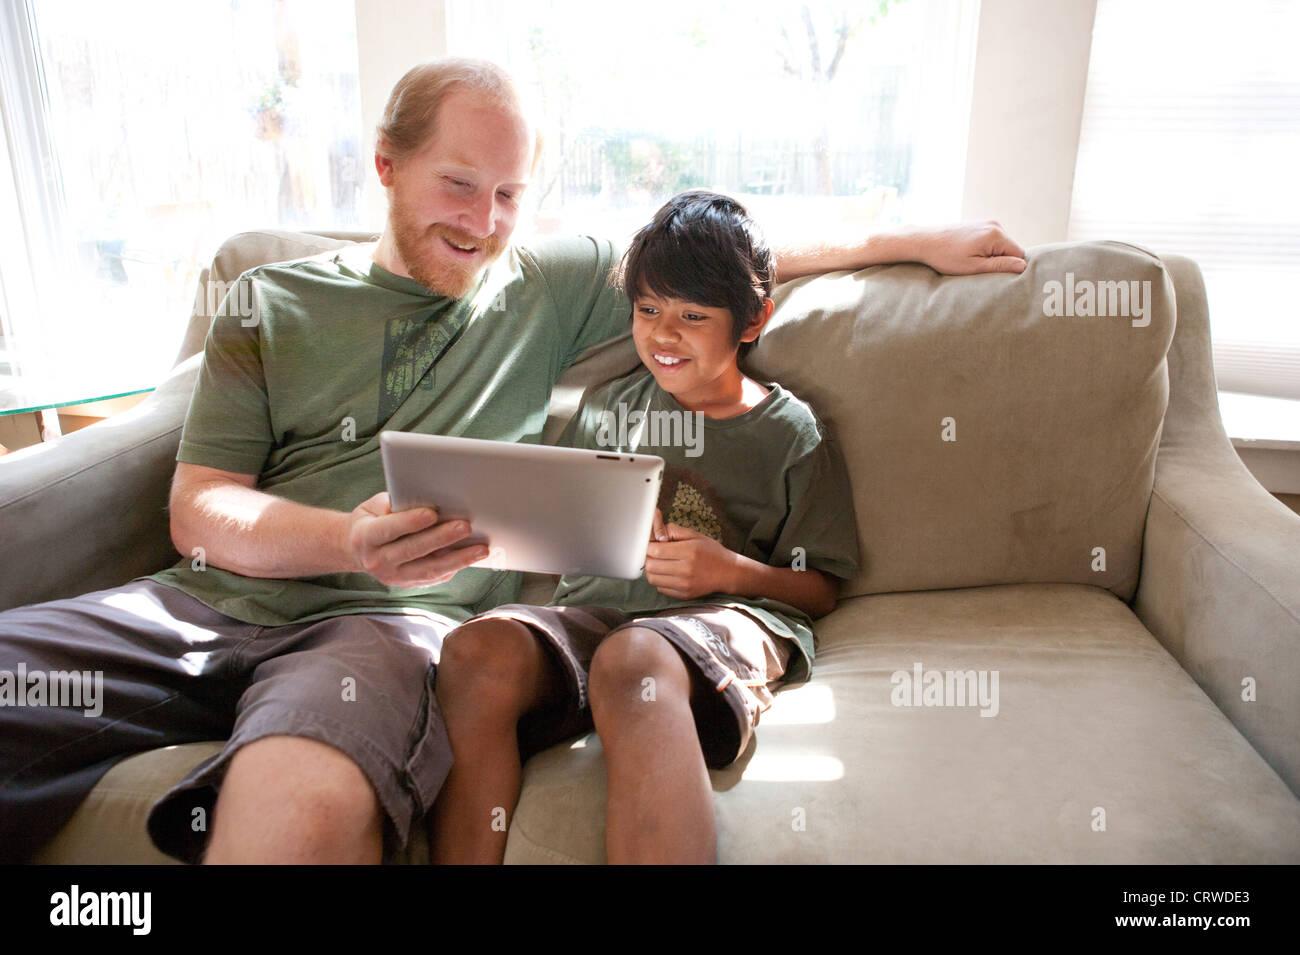 Père et a adopté 10 ans fils regarder une vidéo amusante sur un Ipad à la maison. Banque D'Images